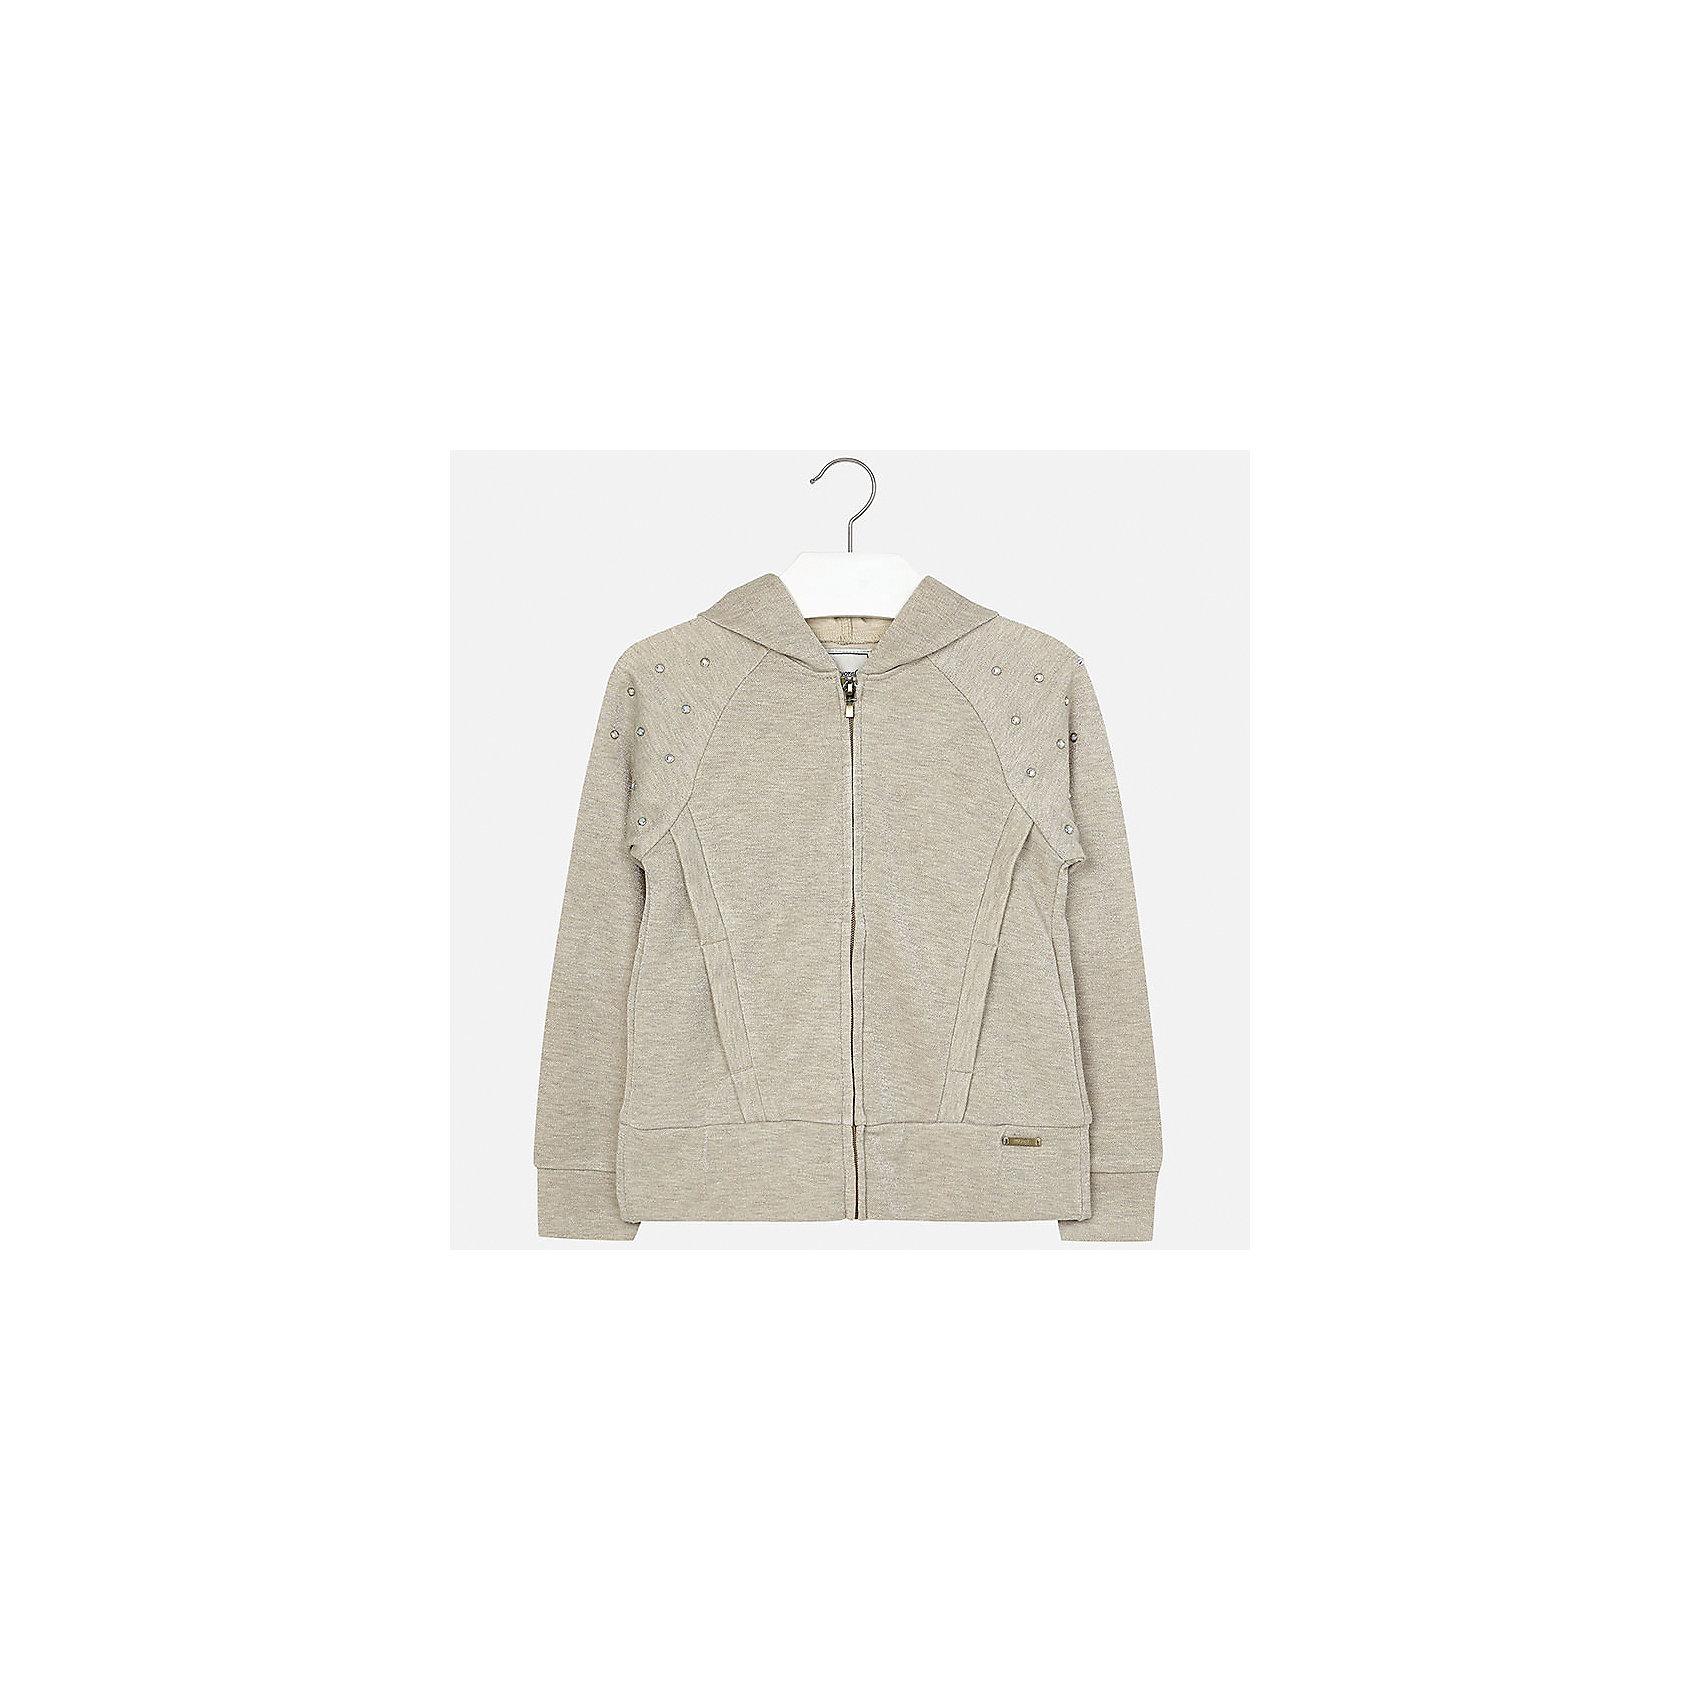 Куртка для девочки MayoralВетровки и жакеты<br>Характеристики товара:<br><br>• цвет: бежевый<br>• состав: 42% хлопок, 42% вискоза, 16% металлическая нить<br>• температурный режим: от +15°до +10°С<br>• молния<br>• капюшон<br>• карманы<br>• украшена стразами<br>• страна бренда: Испания<br><br>Модная куртка для девочки поможет разнообразить гардероб ребенка и украсить наряд. Он отлично сочетается и с юбками, и с брюками. Универсальный цвет позволяет подобрать к вещи низ различных расцветок. Интересная отделка модели делает её нарядной и оригинальной.<br><br>Одежда, обувь и аксессуары от испанского бренда Mayoral полюбились детям и взрослым по всему миру. Модели этой марки - стильные и удобные. Для их производства используются только безопасные, качественные материалы и фурнитура. Порадуйте ребенка модными и красивыми вещами от Mayoral! <br><br>Куртку для девочки от испанского бренда Mayoral (Майорал) можно купить в нашем интернет-магазине.<br><br>Ширина мм: 356<br>Глубина мм: 10<br>Высота мм: 245<br>Вес г: 519<br>Цвет: серый<br>Возраст от месяцев: 168<br>Возраст до месяцев: 180<br>Пол: Женский<br>Возраст: Детский<br>Размер: 170,128/134,140,152,158,164<br>SKU: 5292910